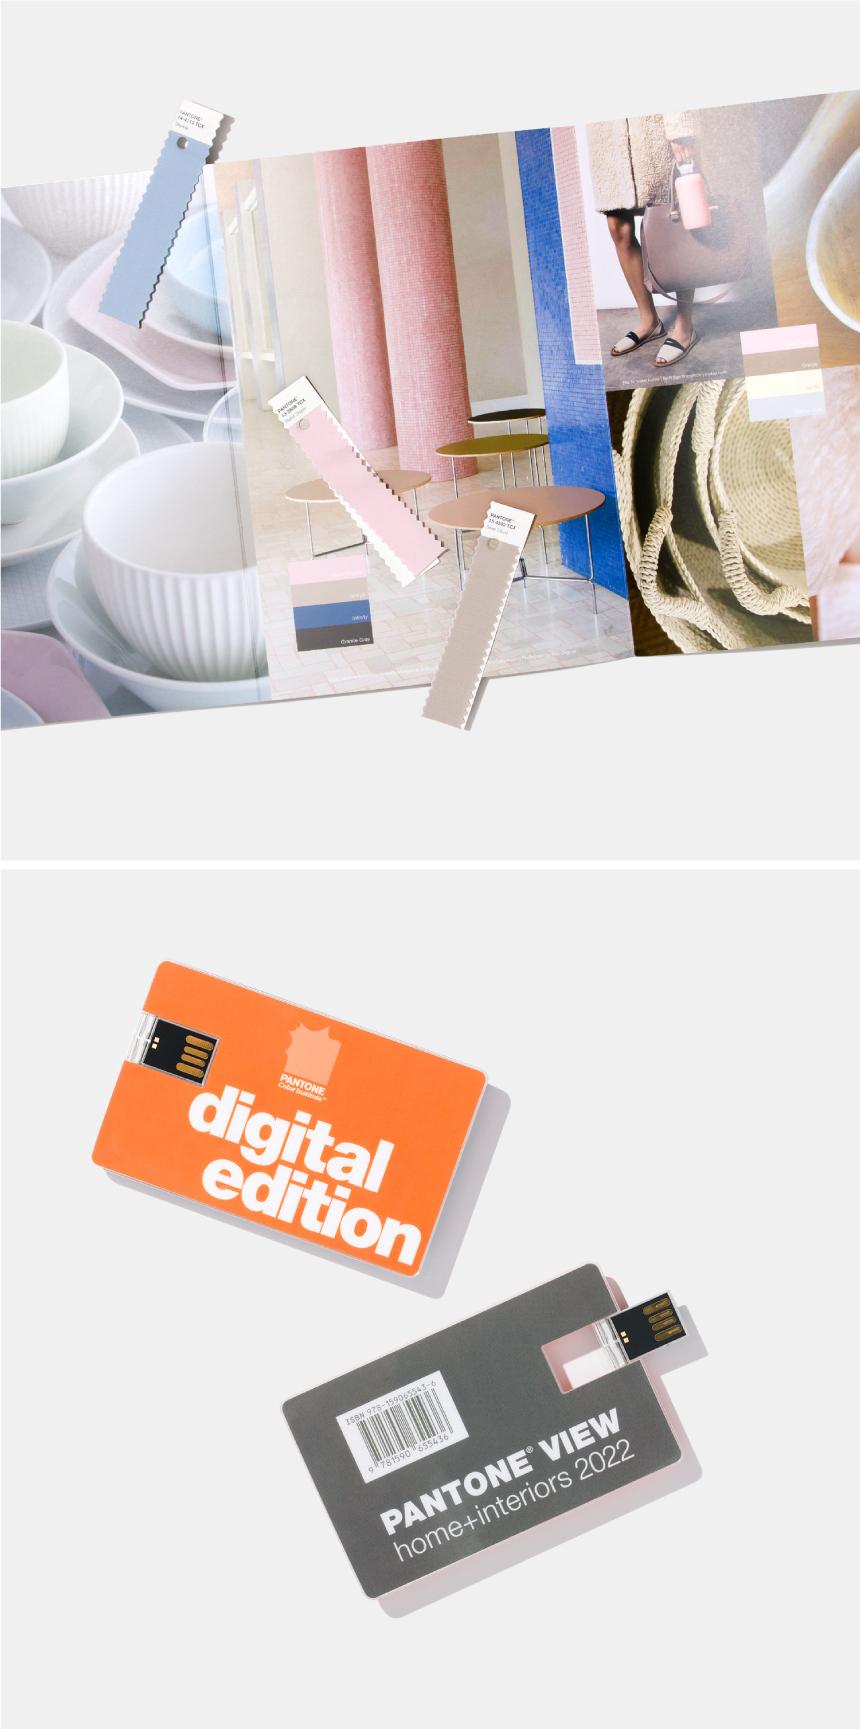 상품 상세 이미지입니다.